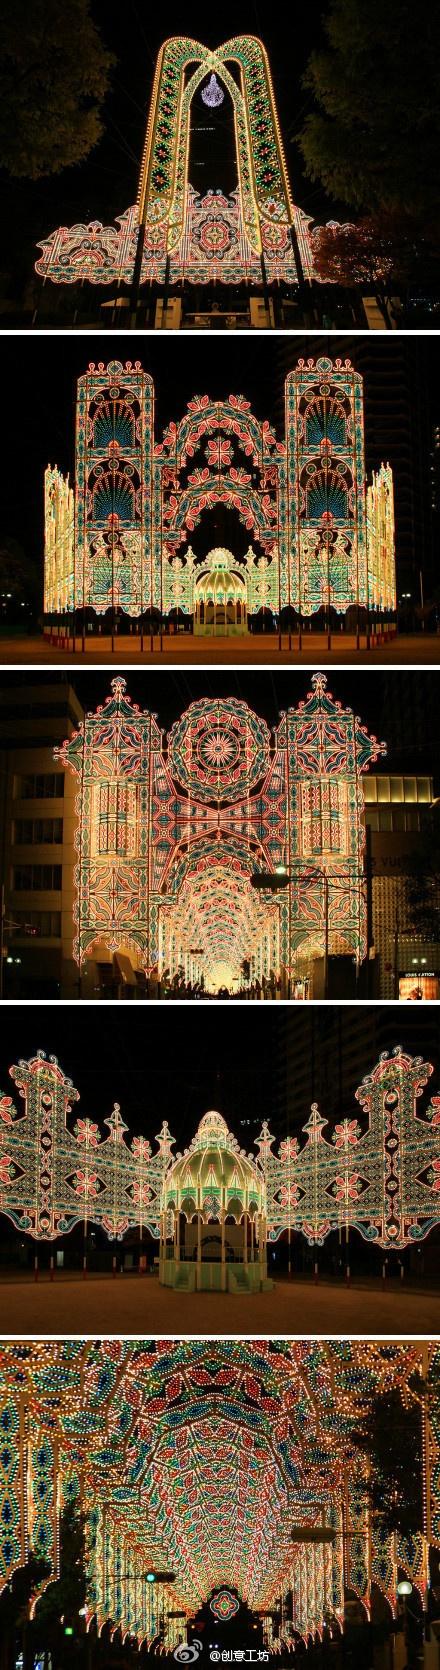 La の 夜景 de Kobe